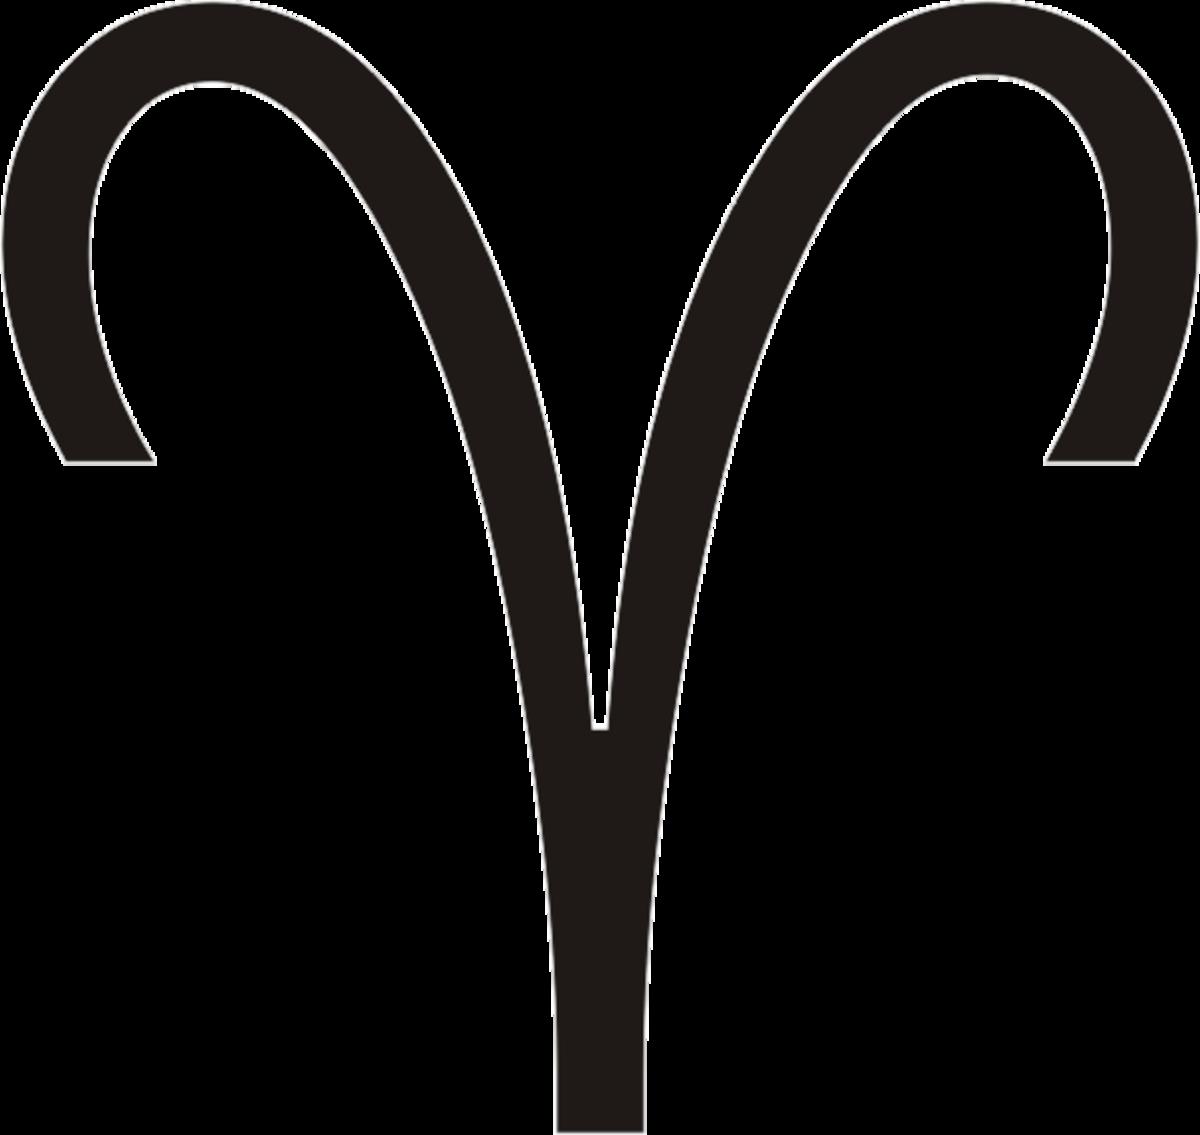 aries-sun-virgo-moon-combinations